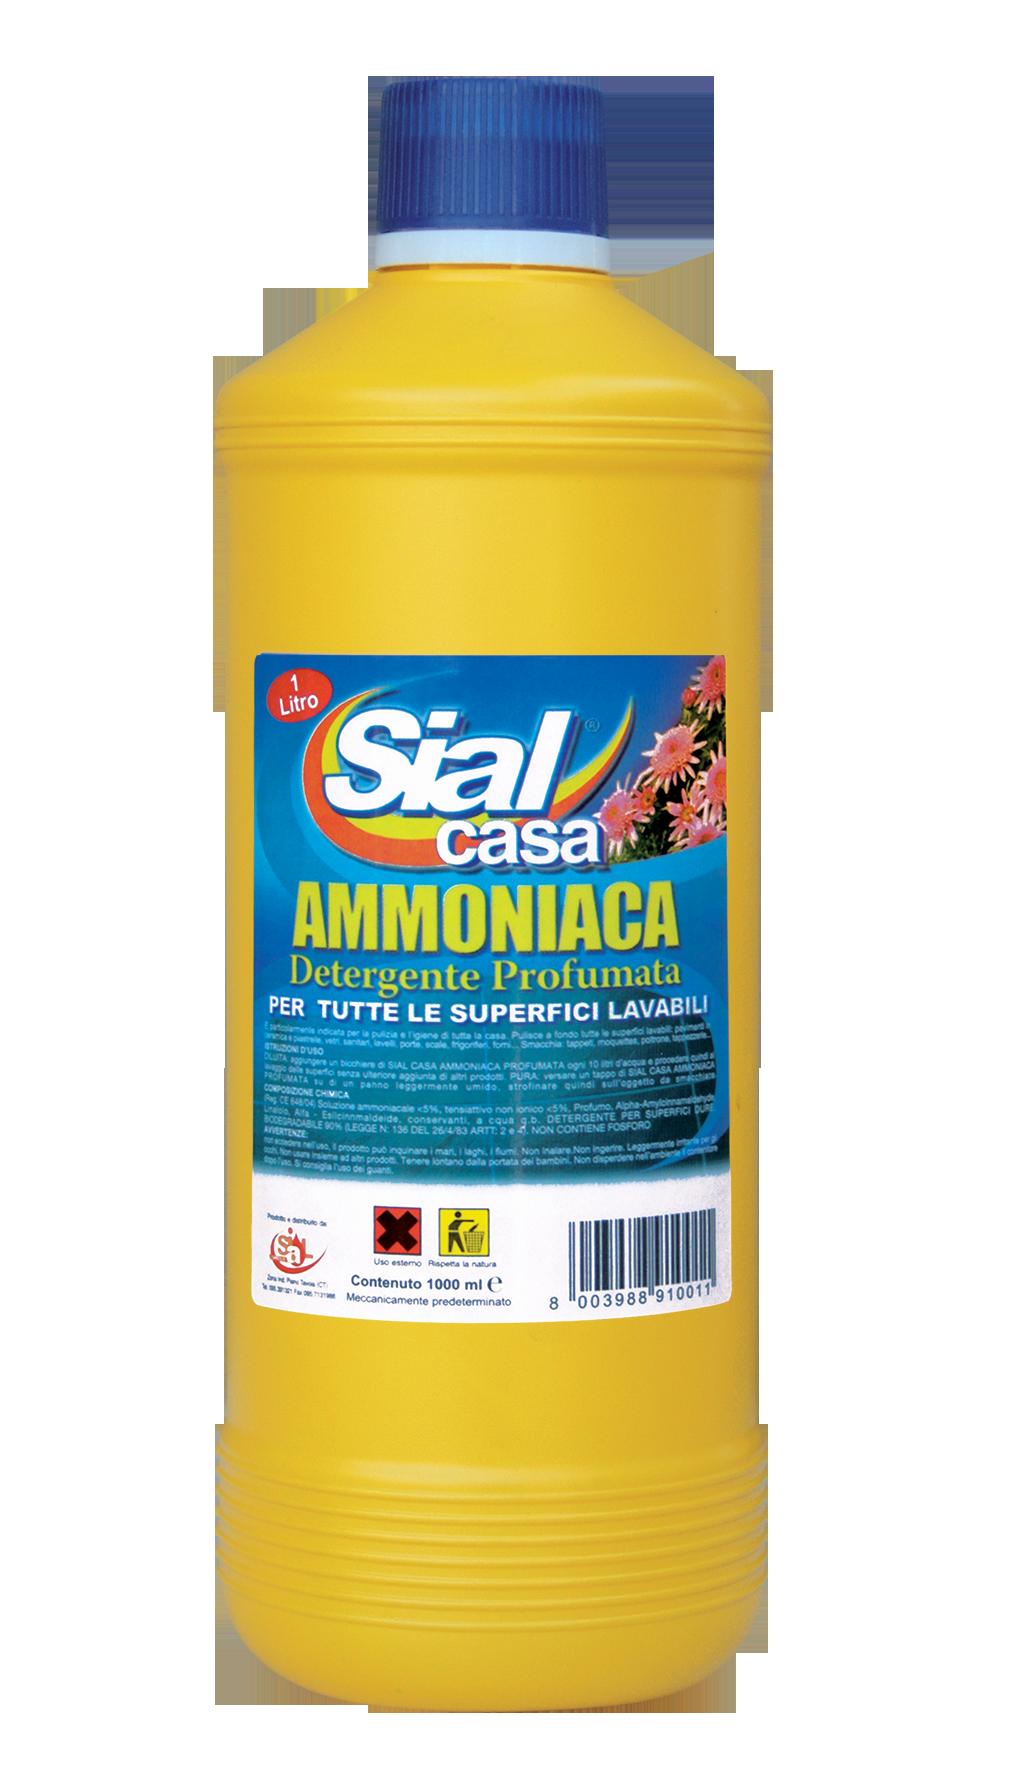 Ammoniaca profumata sial sial offerte e promozioni - Casa pulita e profumata ...